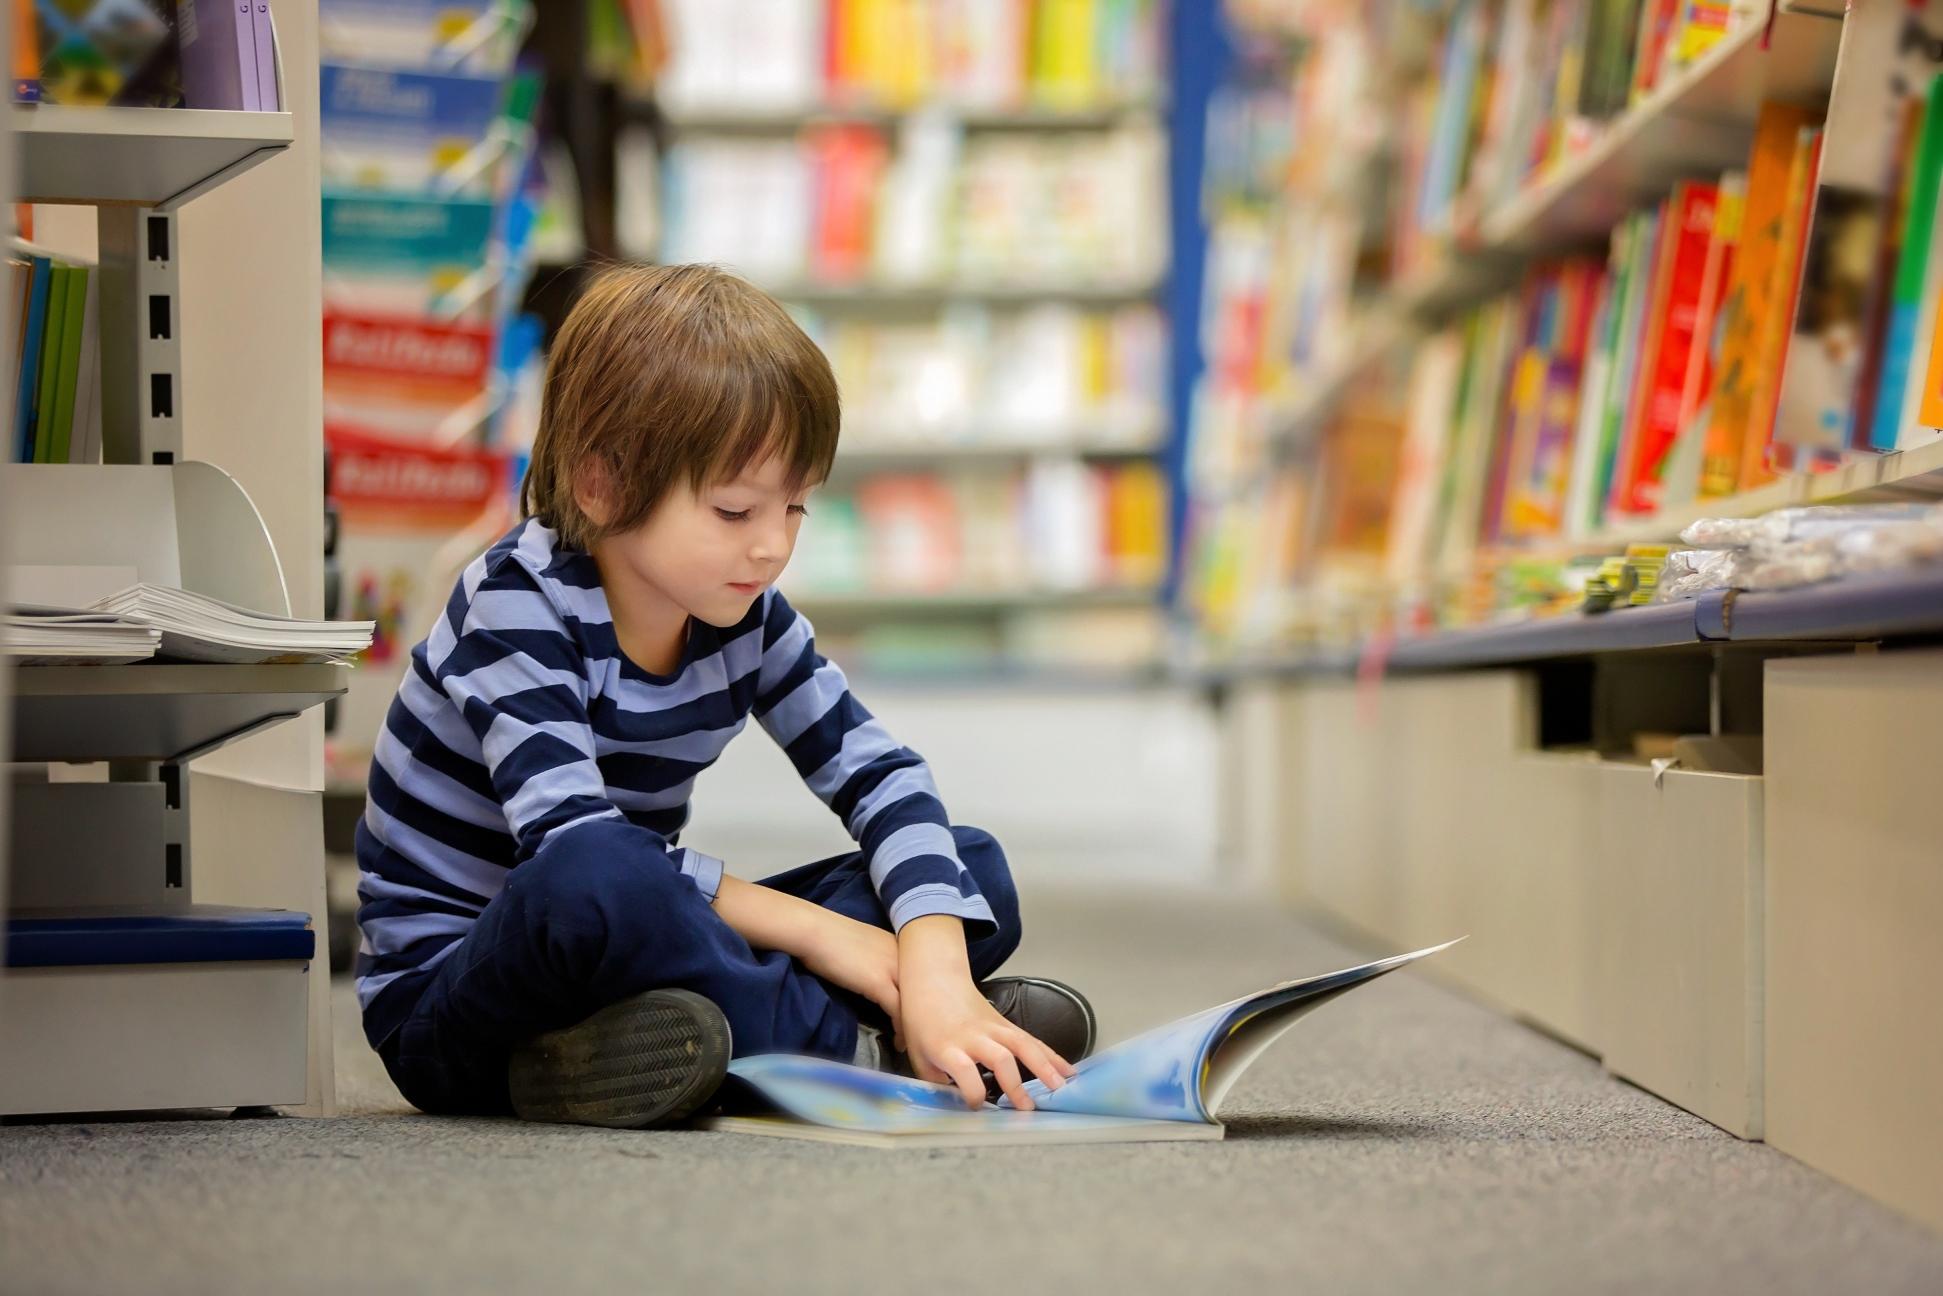 Bibliothèque, livres, enfant.